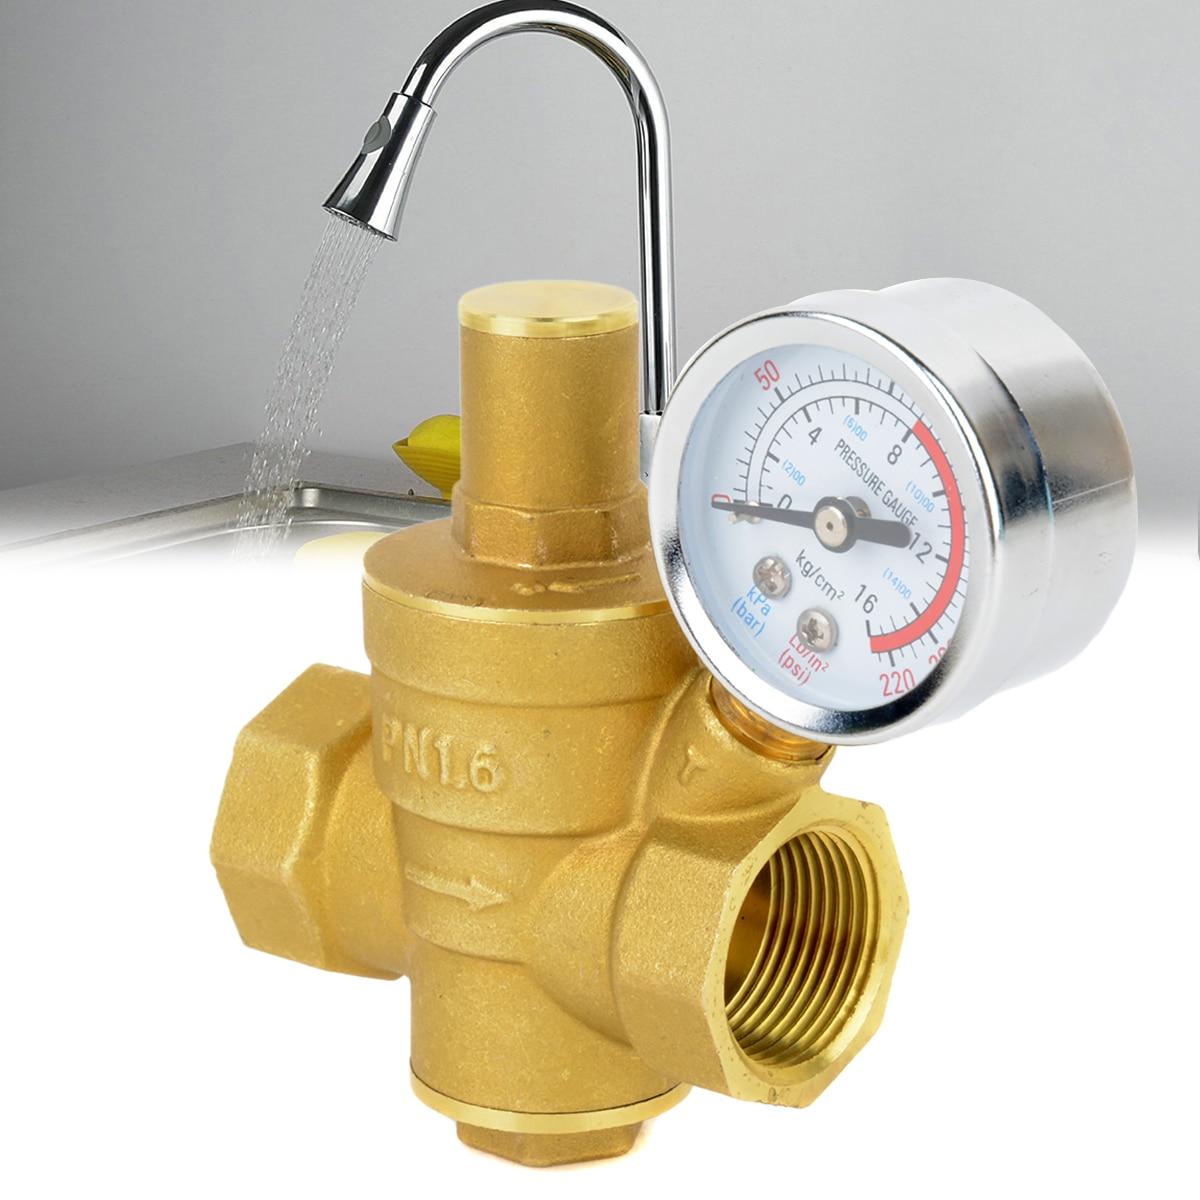 Mayitr Durable DN20 3/4 Réglable Robinet En Laiton Pression D'eau Vanne de Réduction de Maintien de Pression Vannes De Régulation Avec Manomètre